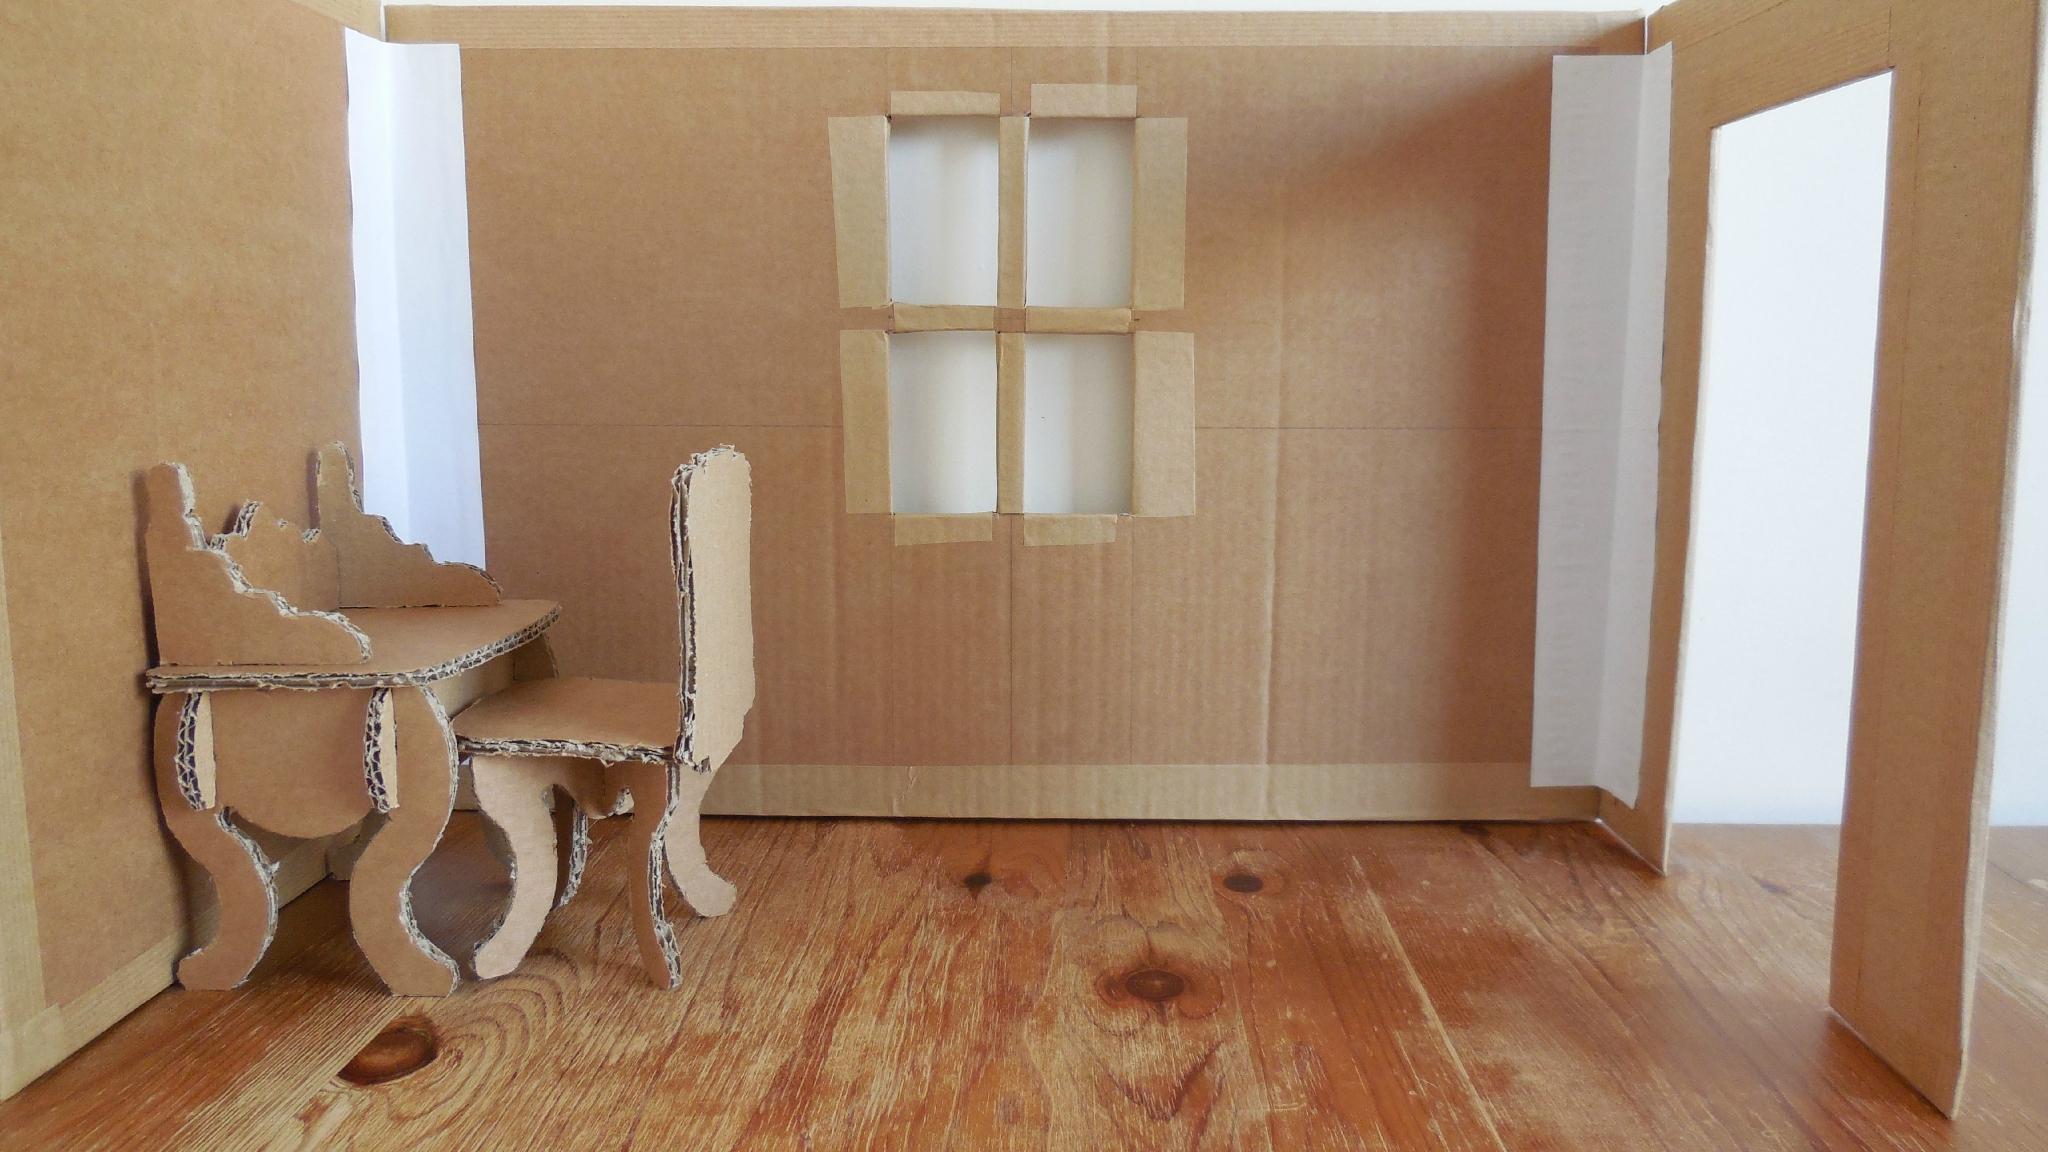 Мебель из картона резного игрушечная